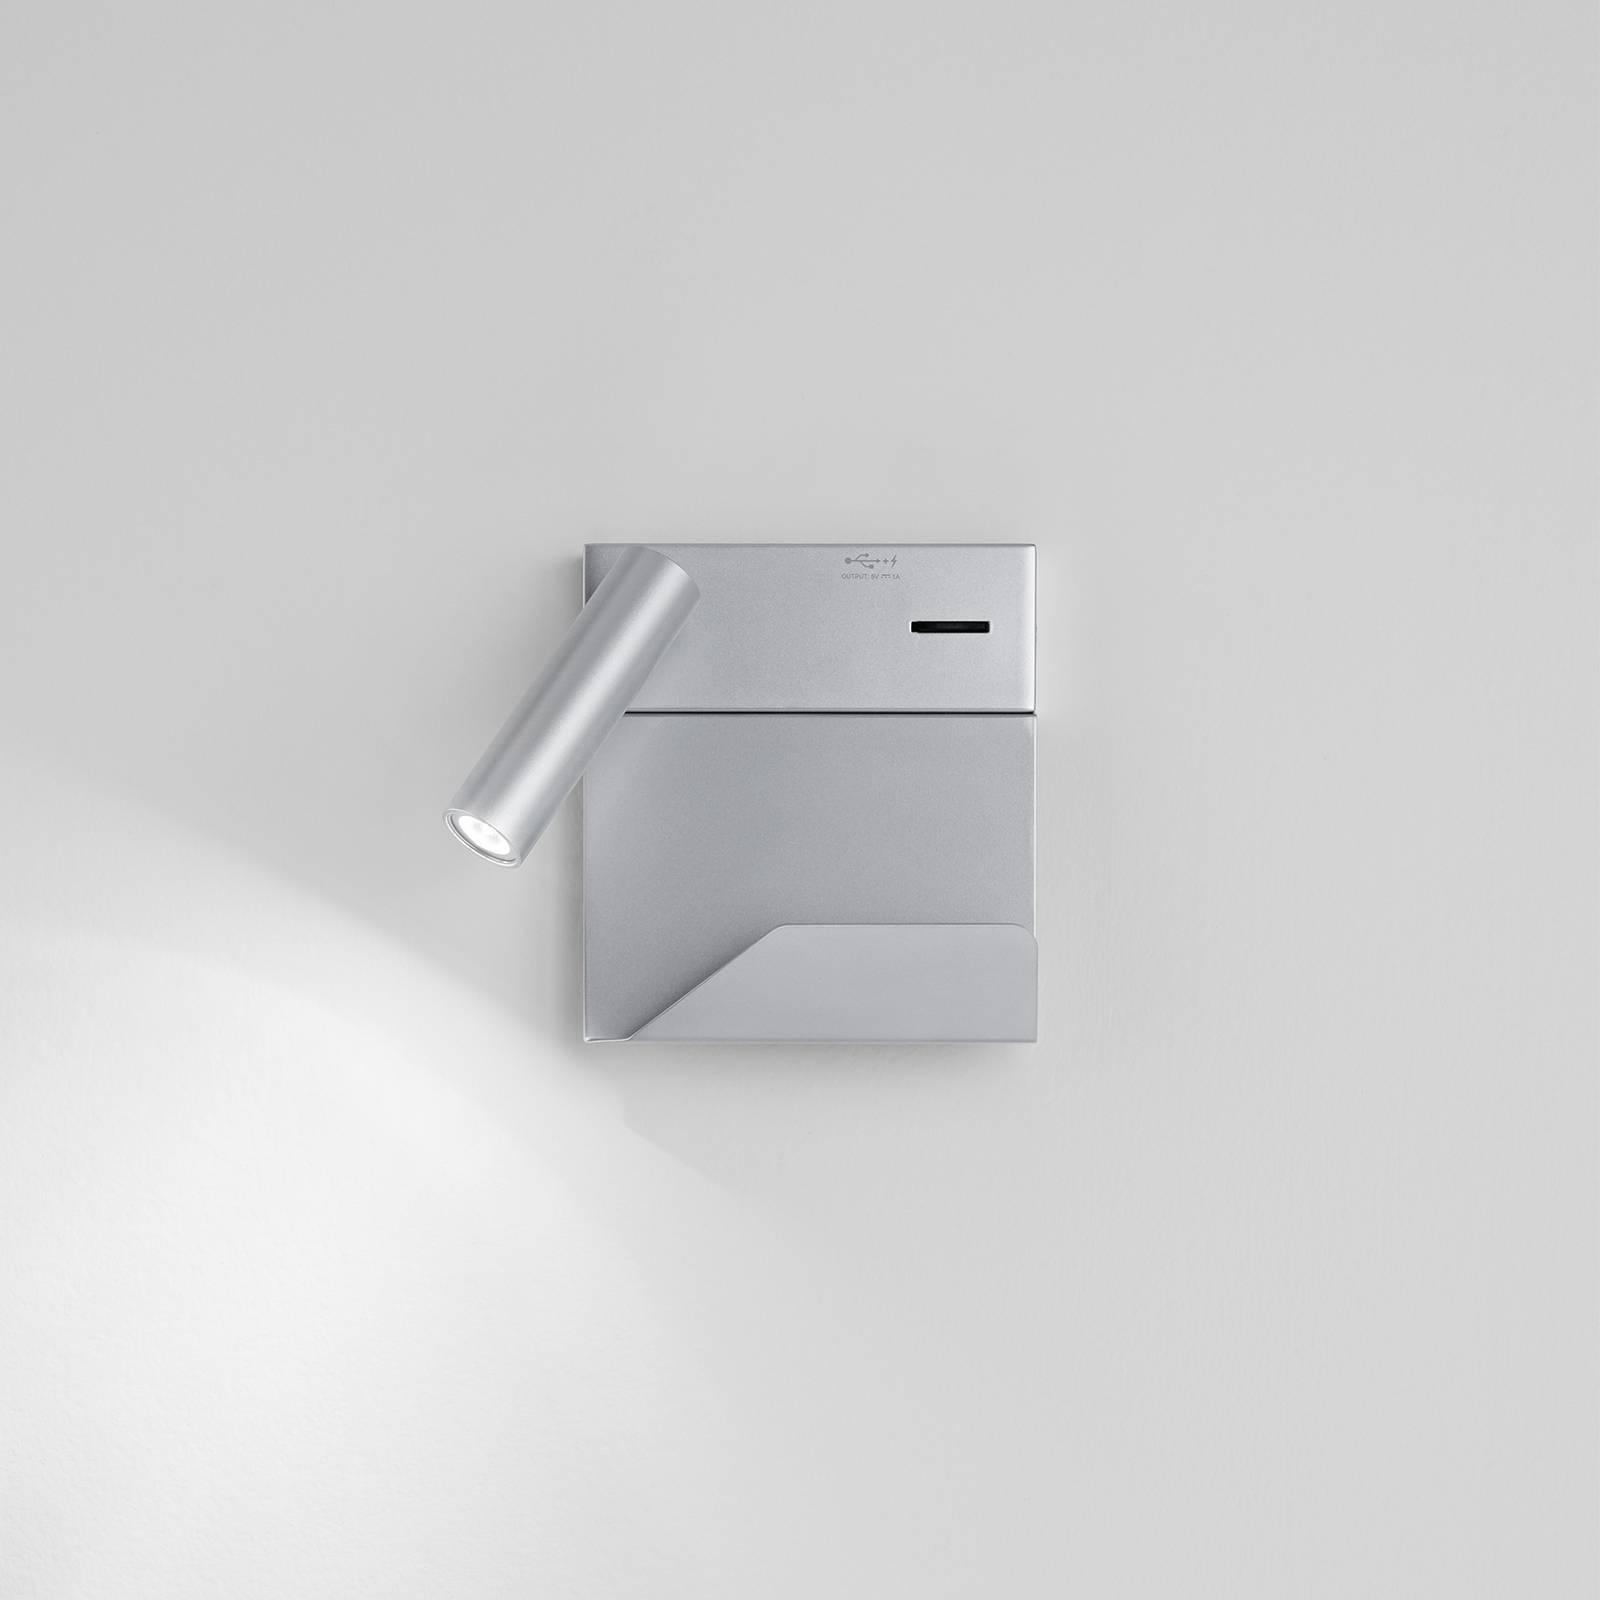 Egger Rona -LED-seinälamppu, USB ja säilytystaso